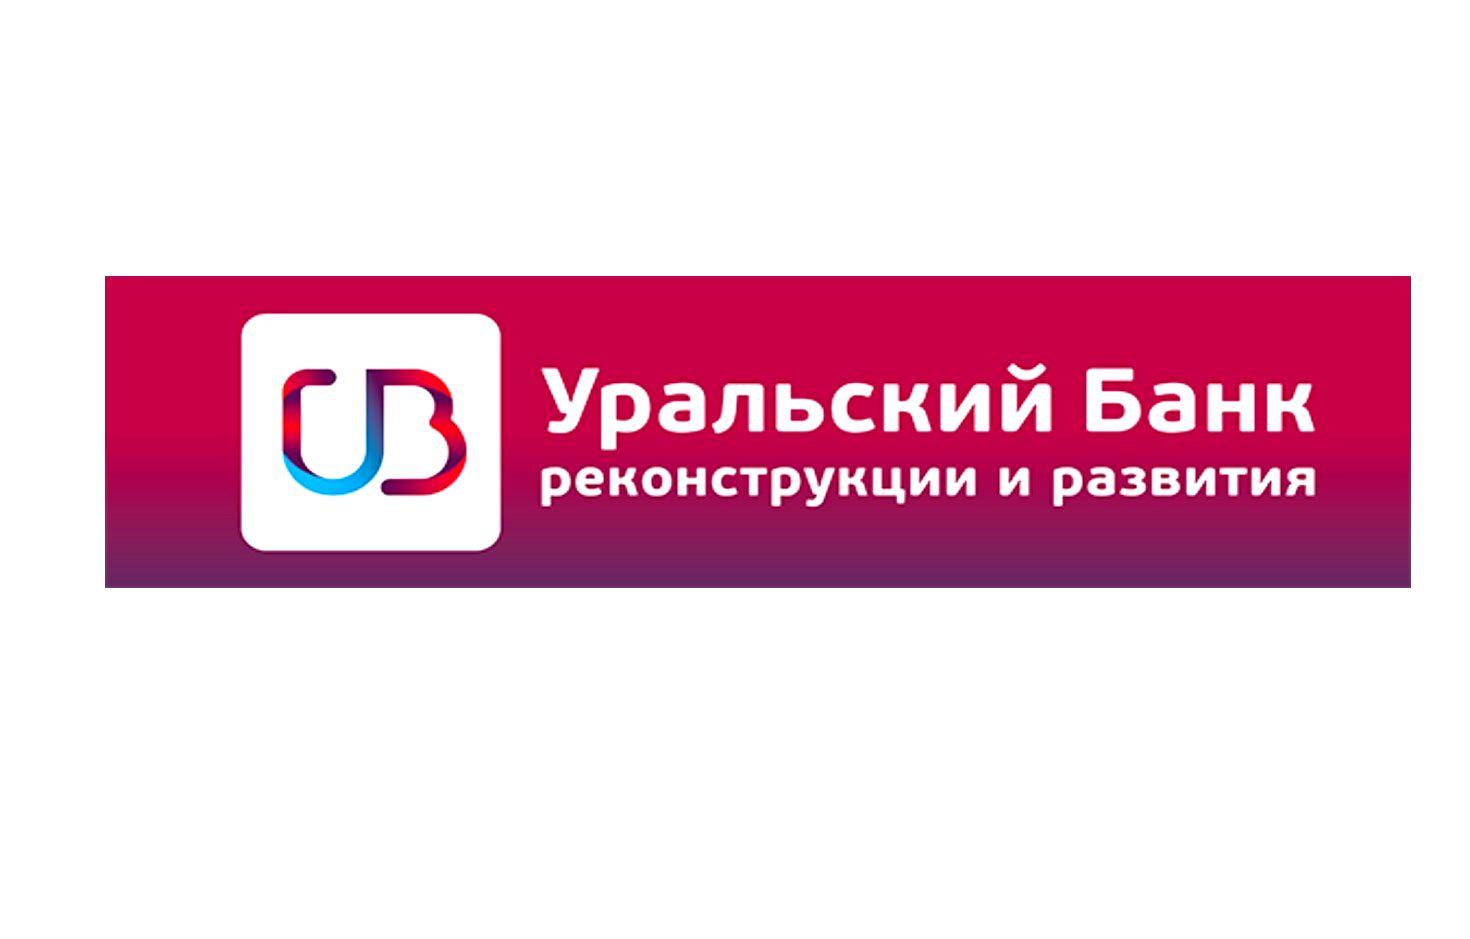 уральский банк реконструкции и развития кредит наличными в день обращения